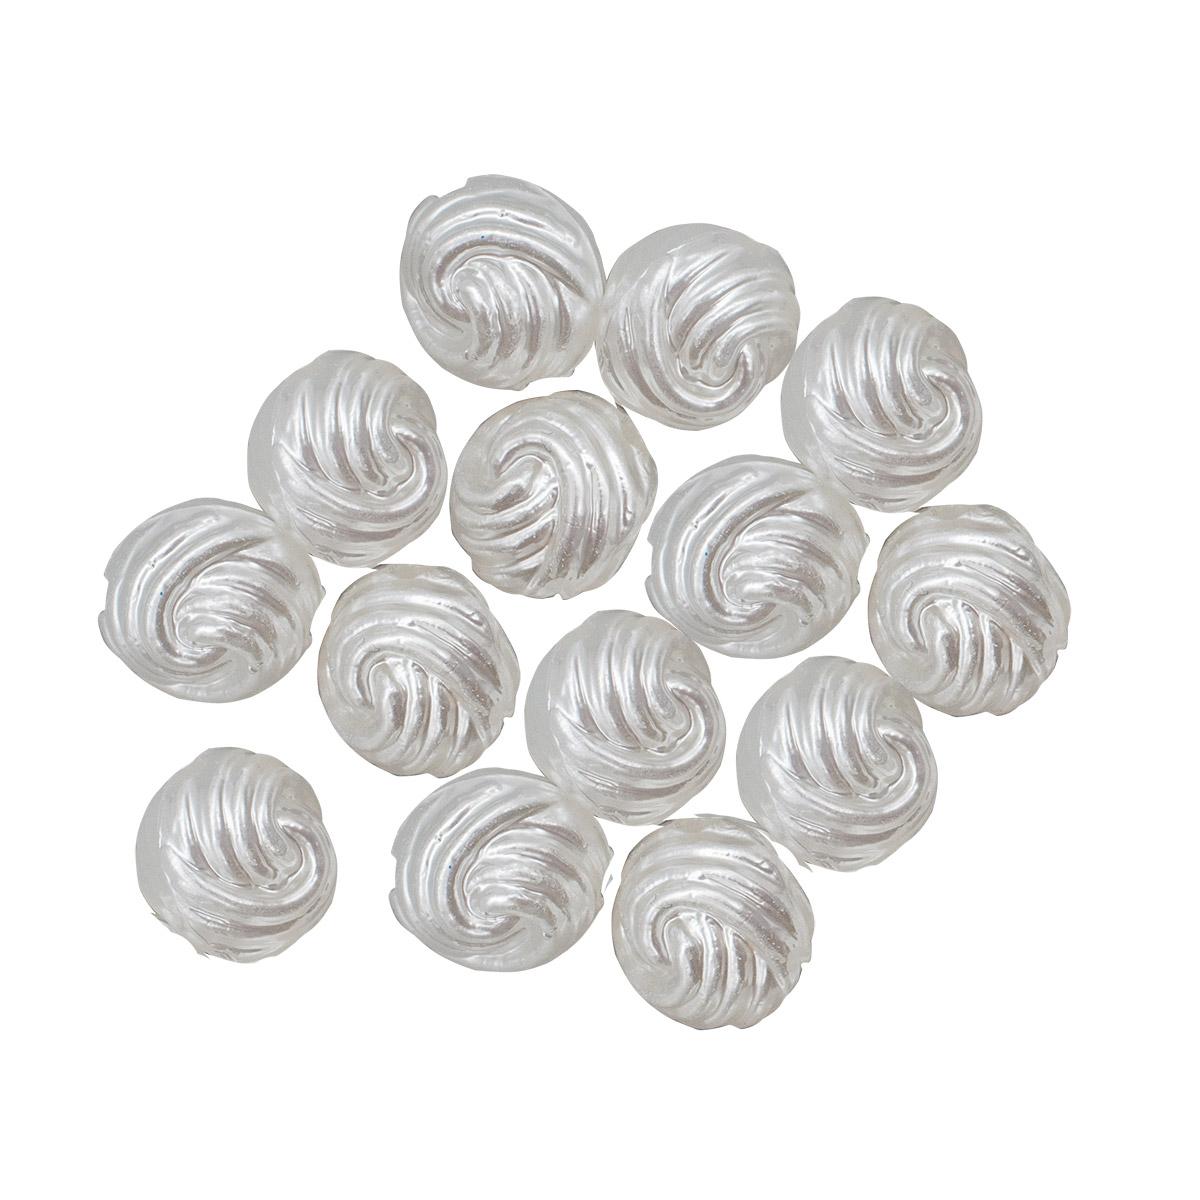 Бусины пластиковые, 4016#, 14 мм, упак./20 шт., 'Астра'